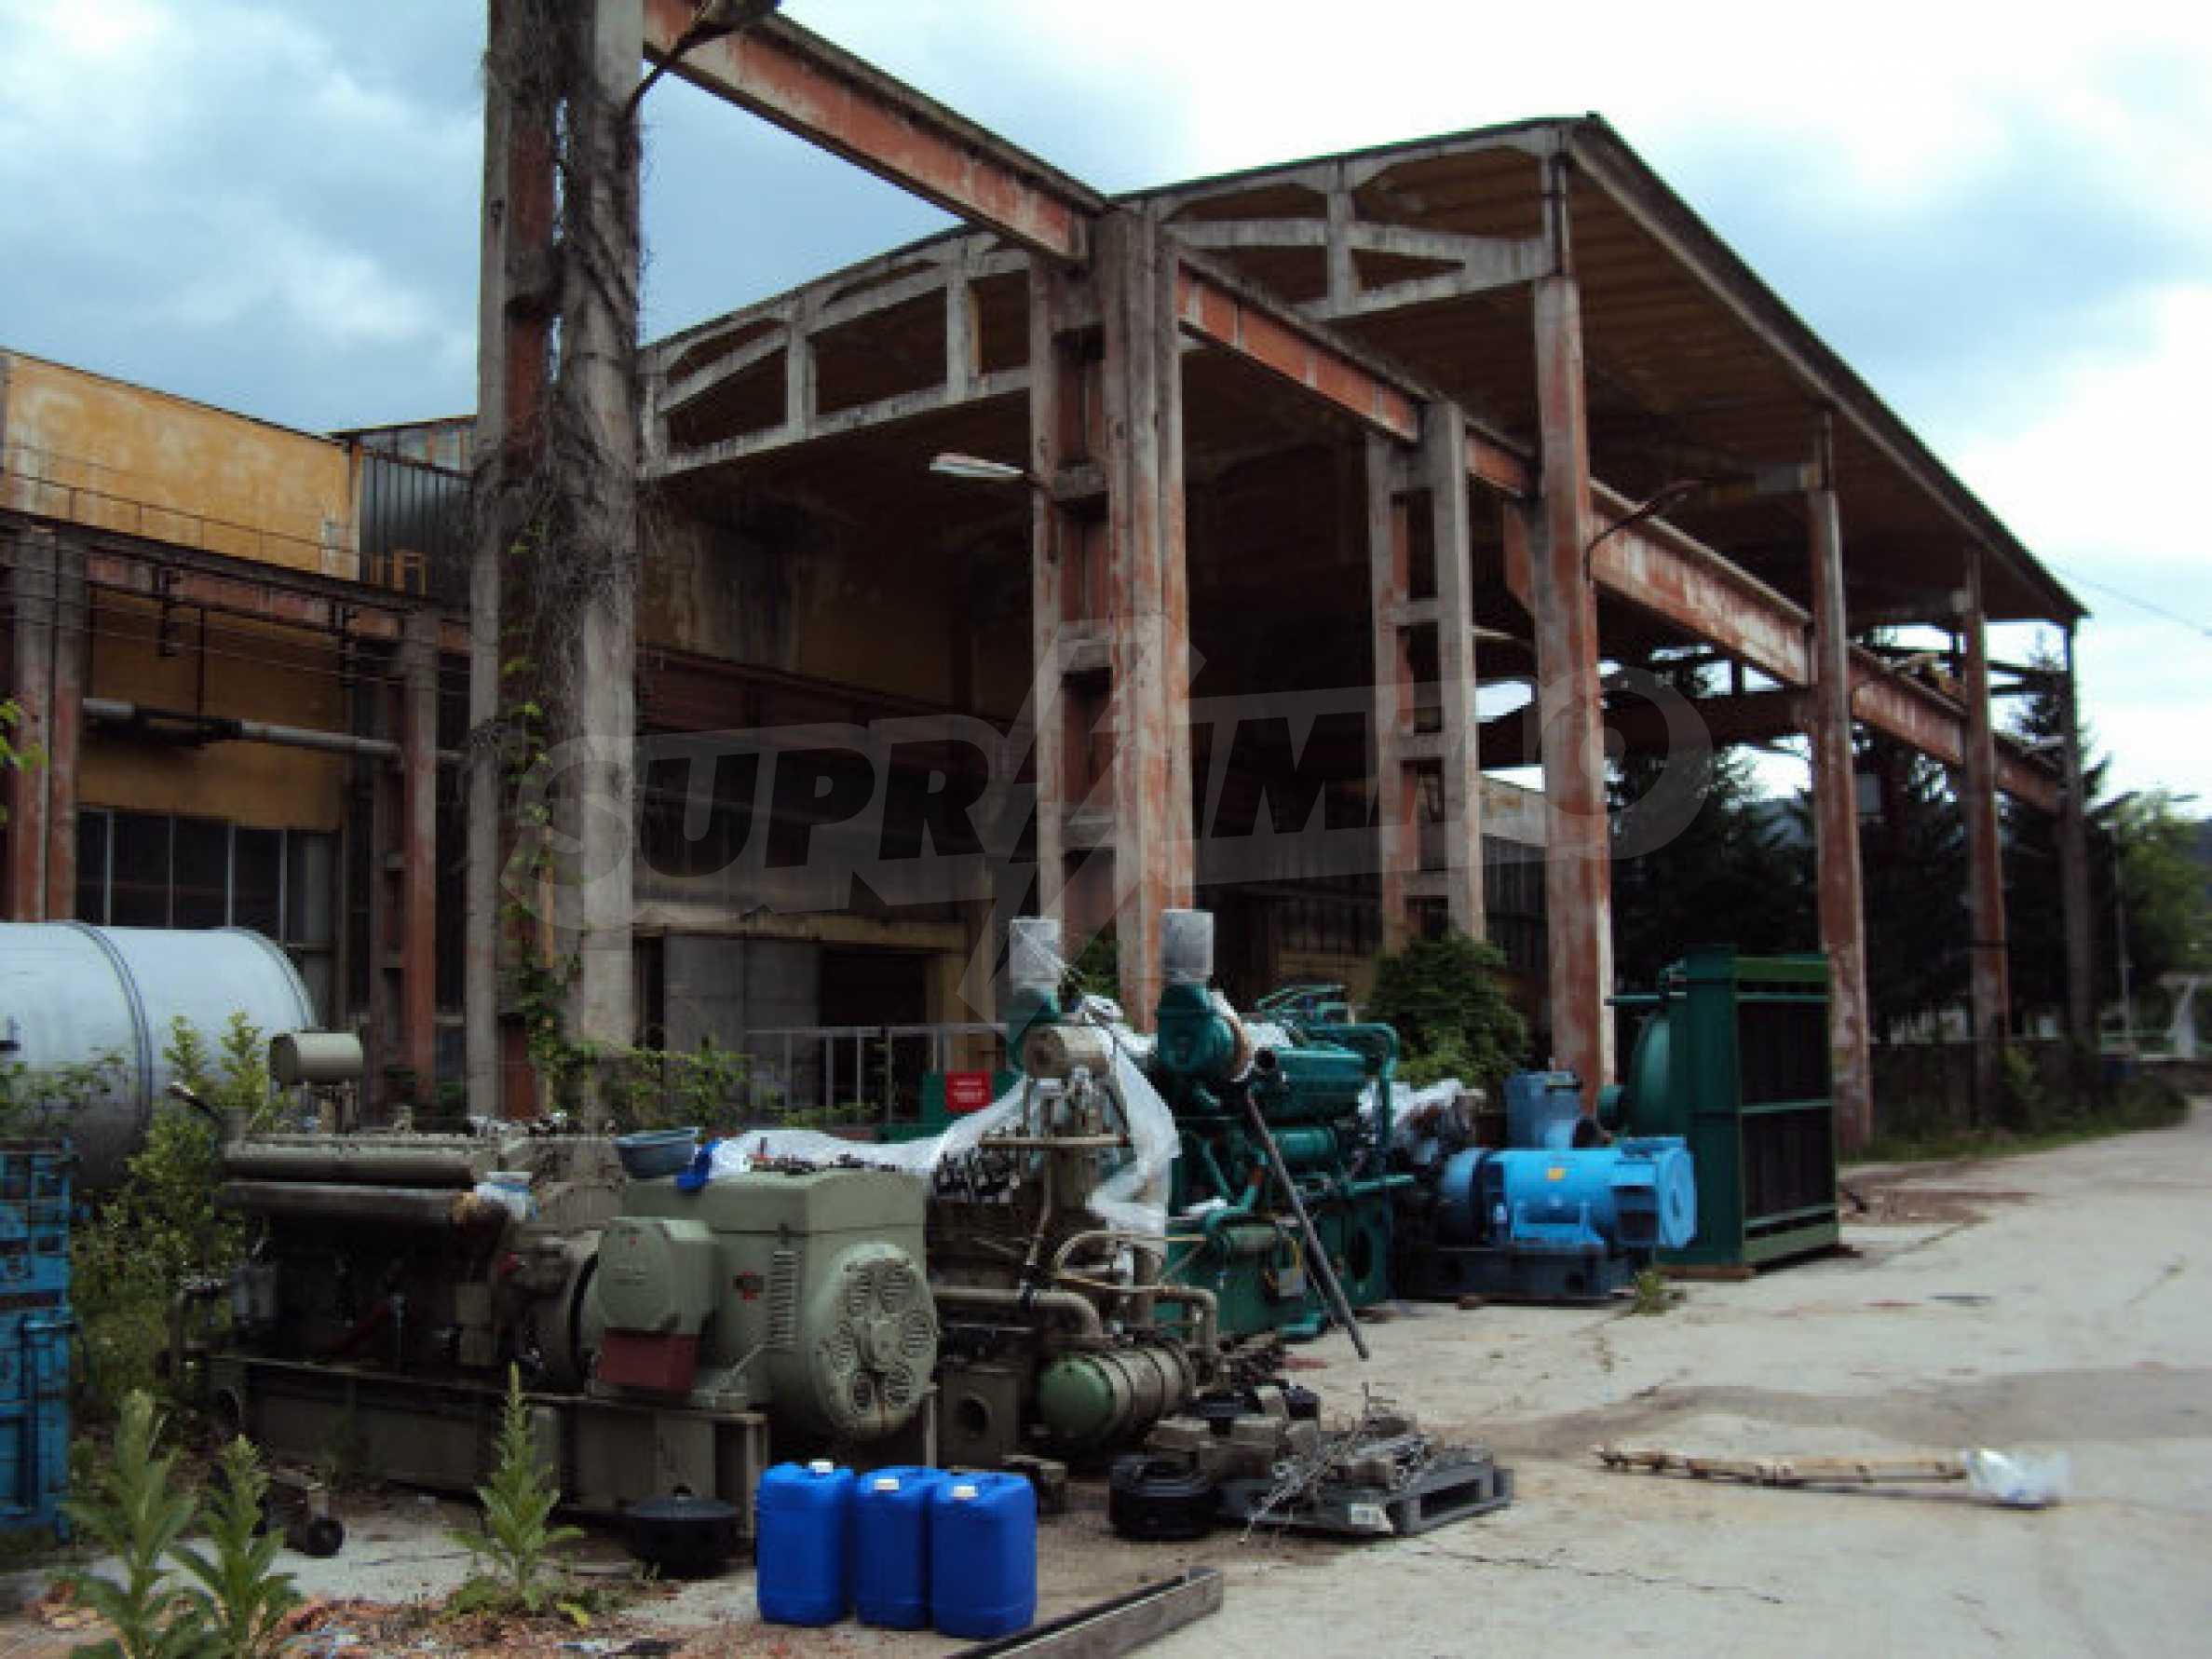 Factory for metal parts in Veliko Tarnovo 15